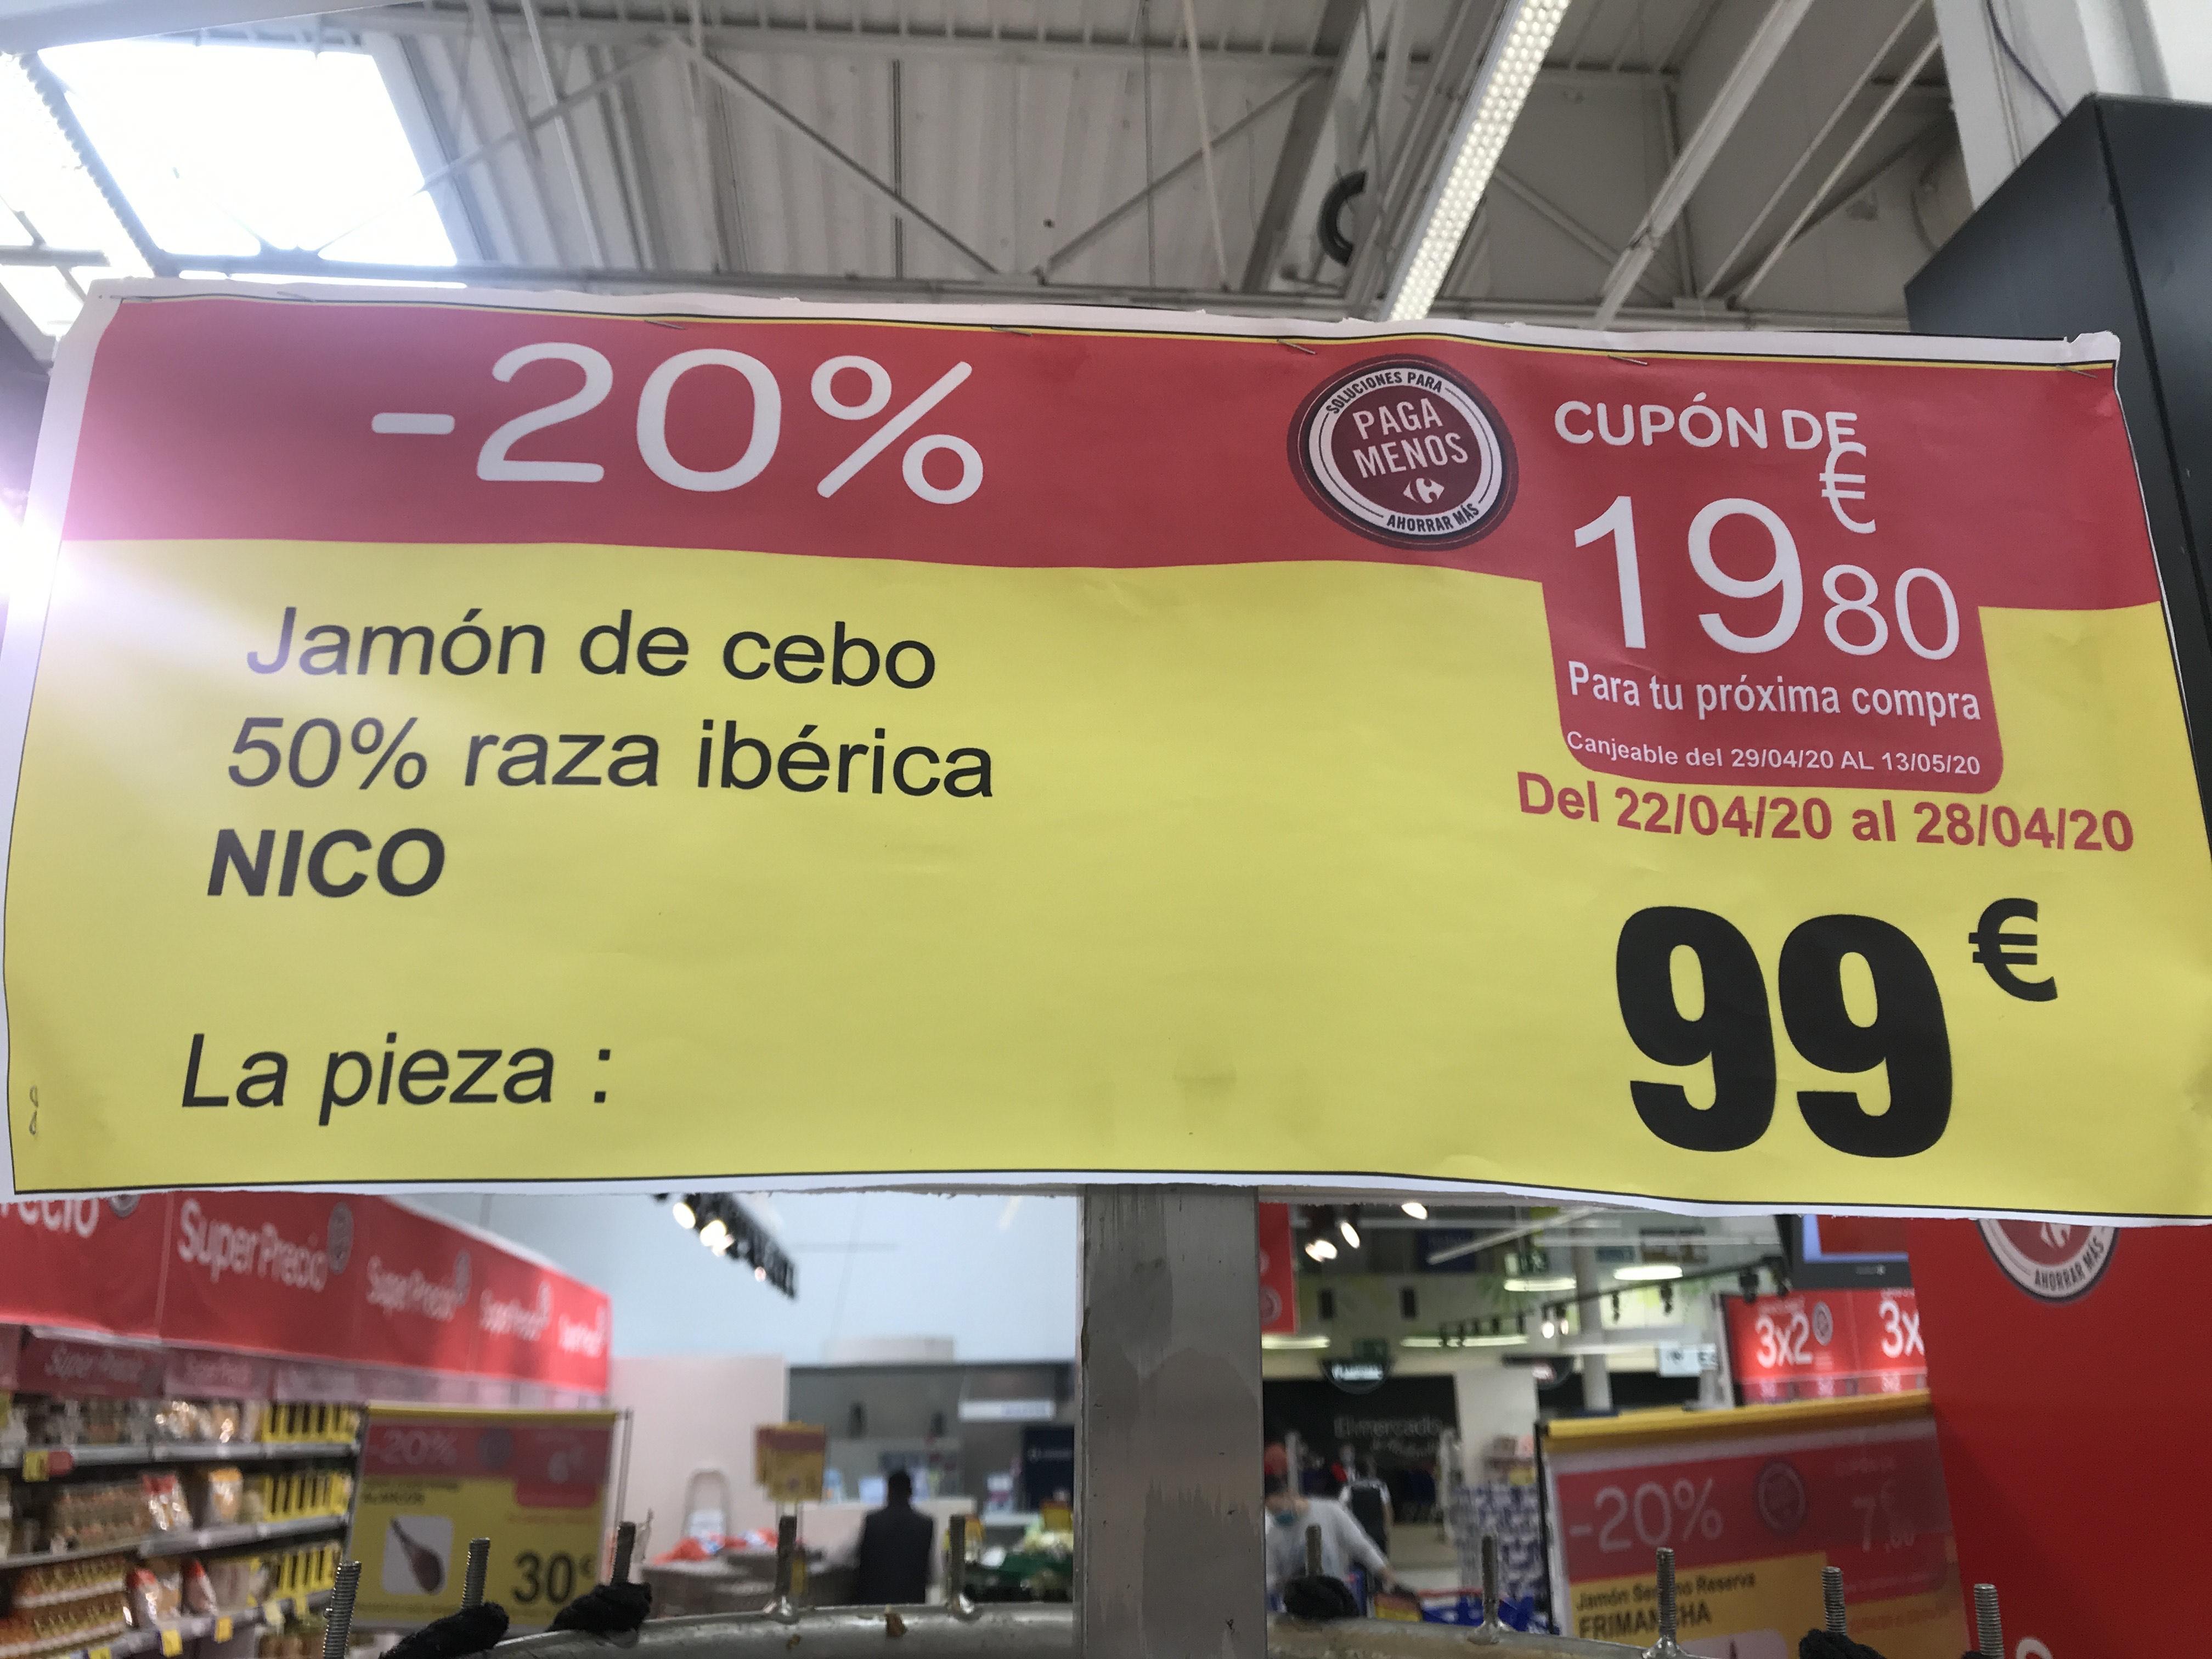 Jamón de cebo 50% ibérico + cupón de 19,80€